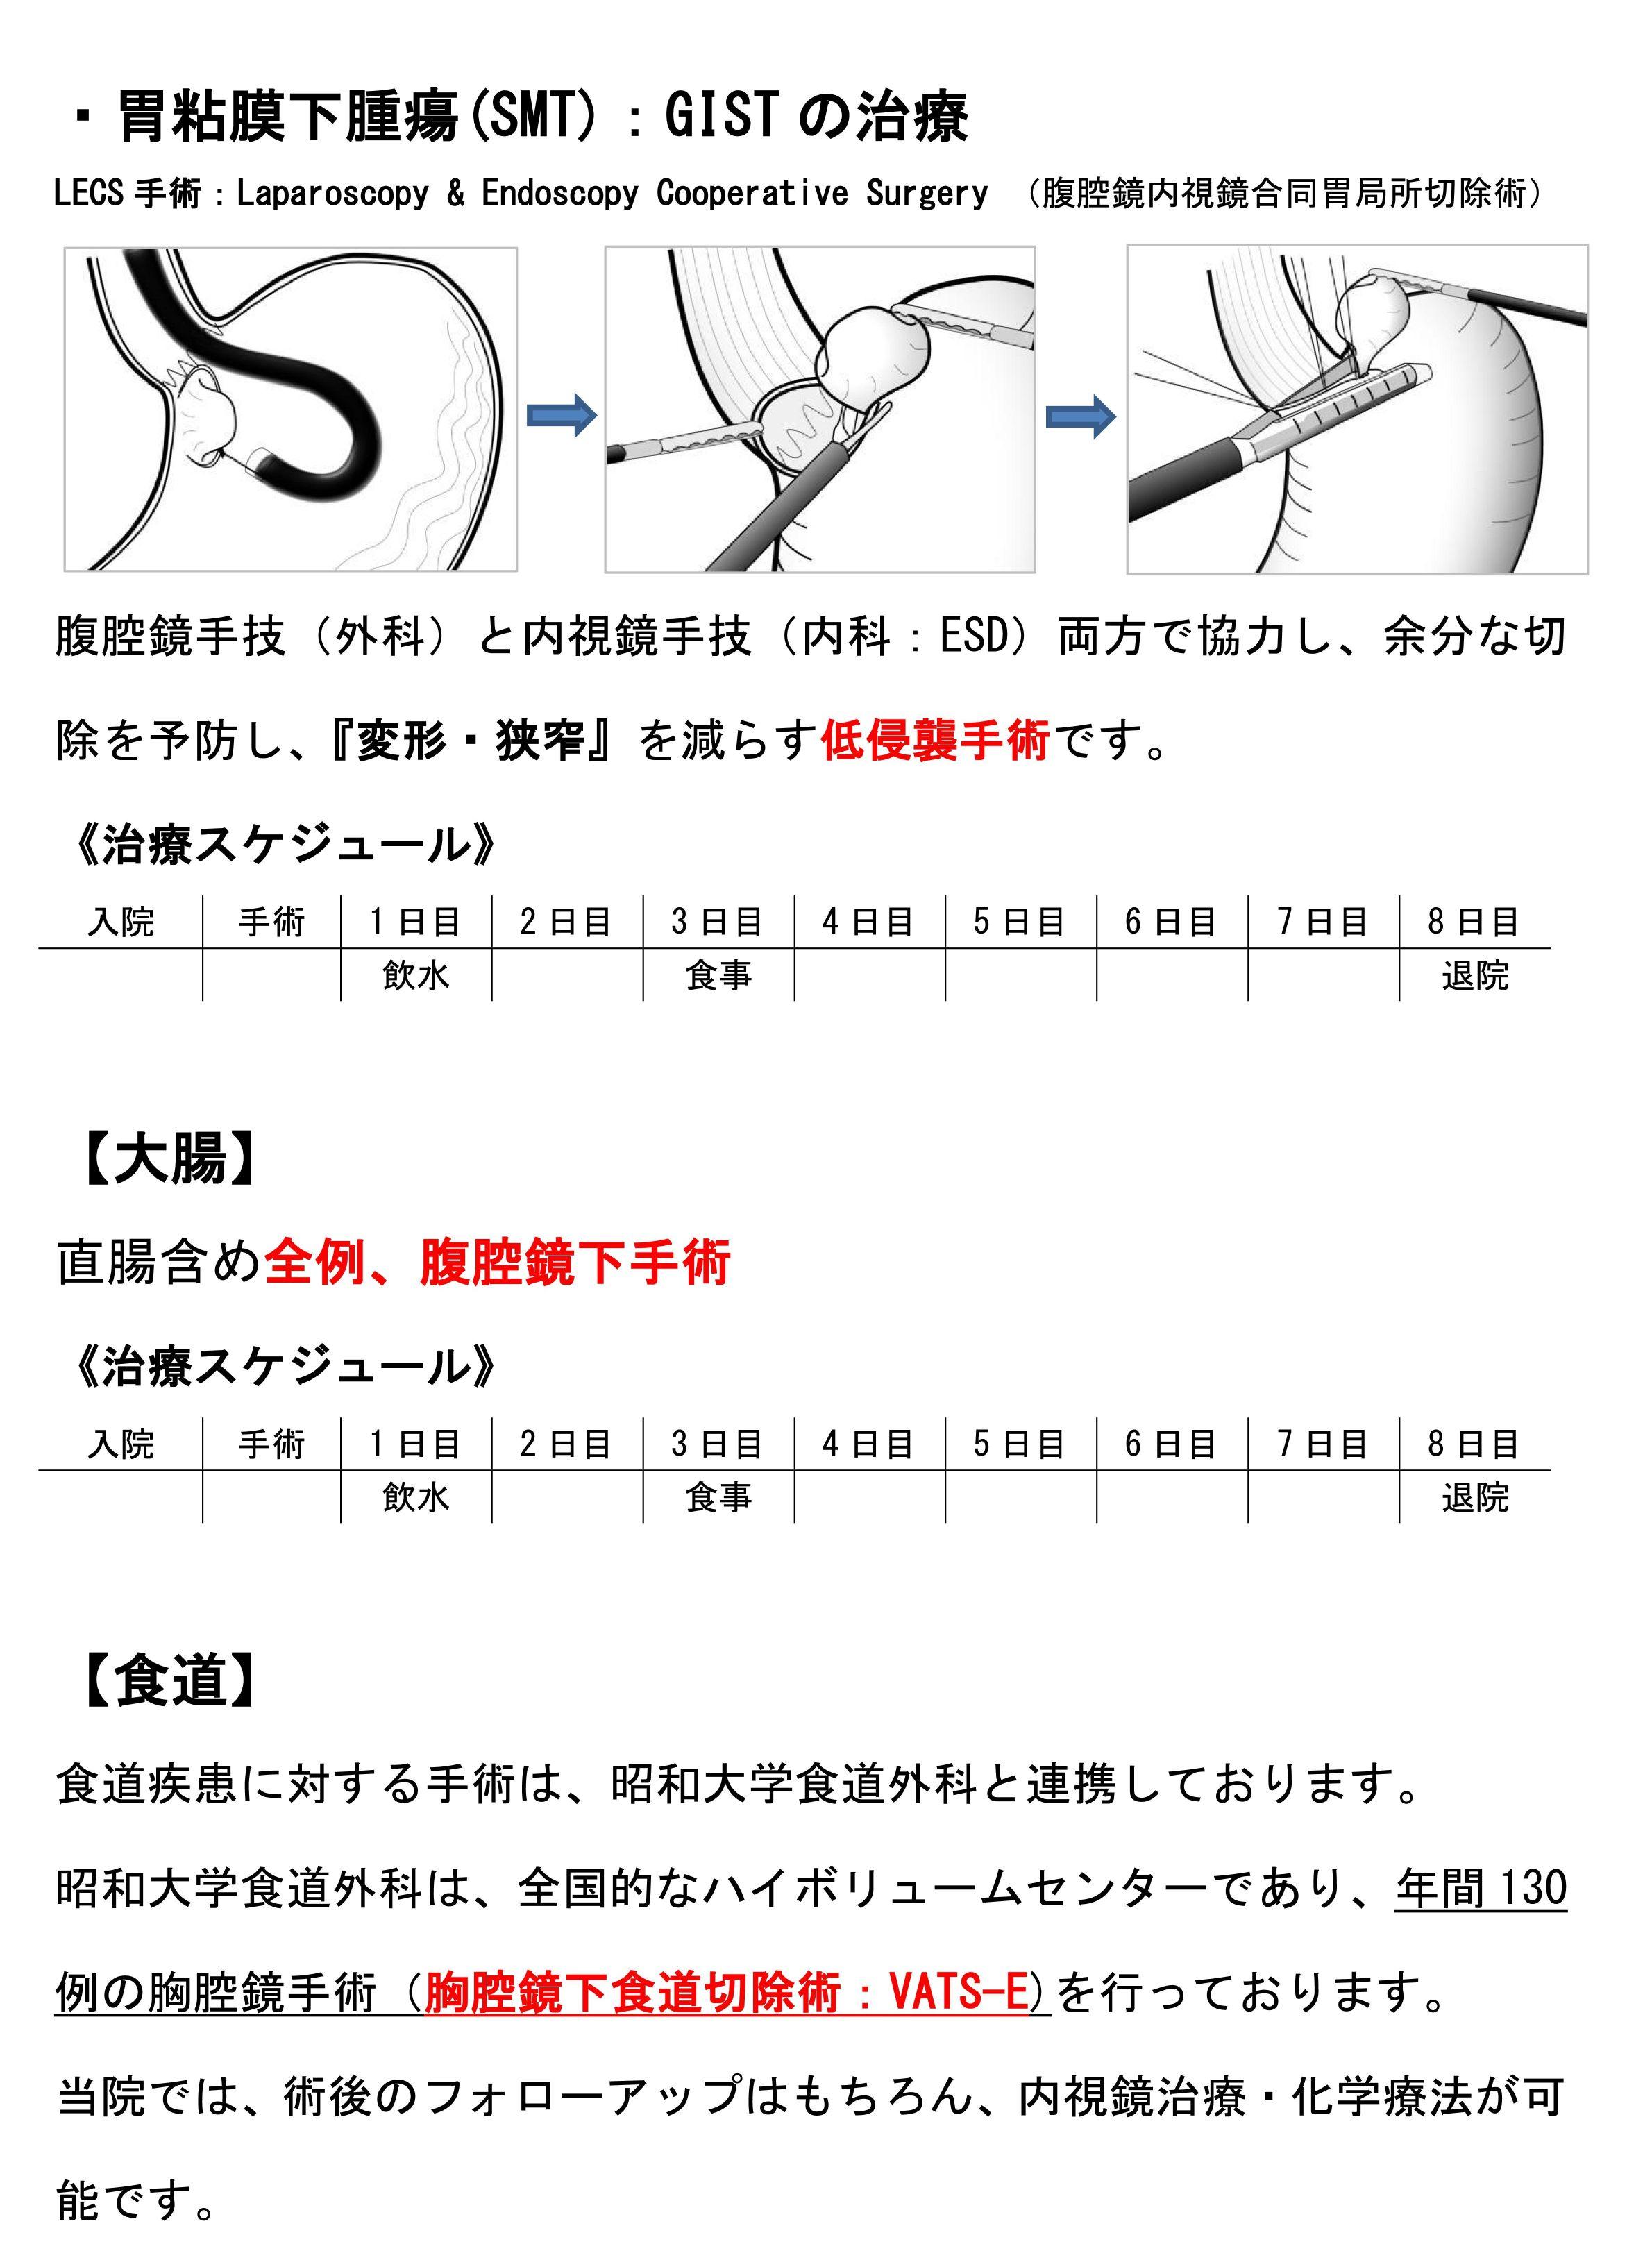 胃粘膜下腫瘍(SMT):GISTの治療